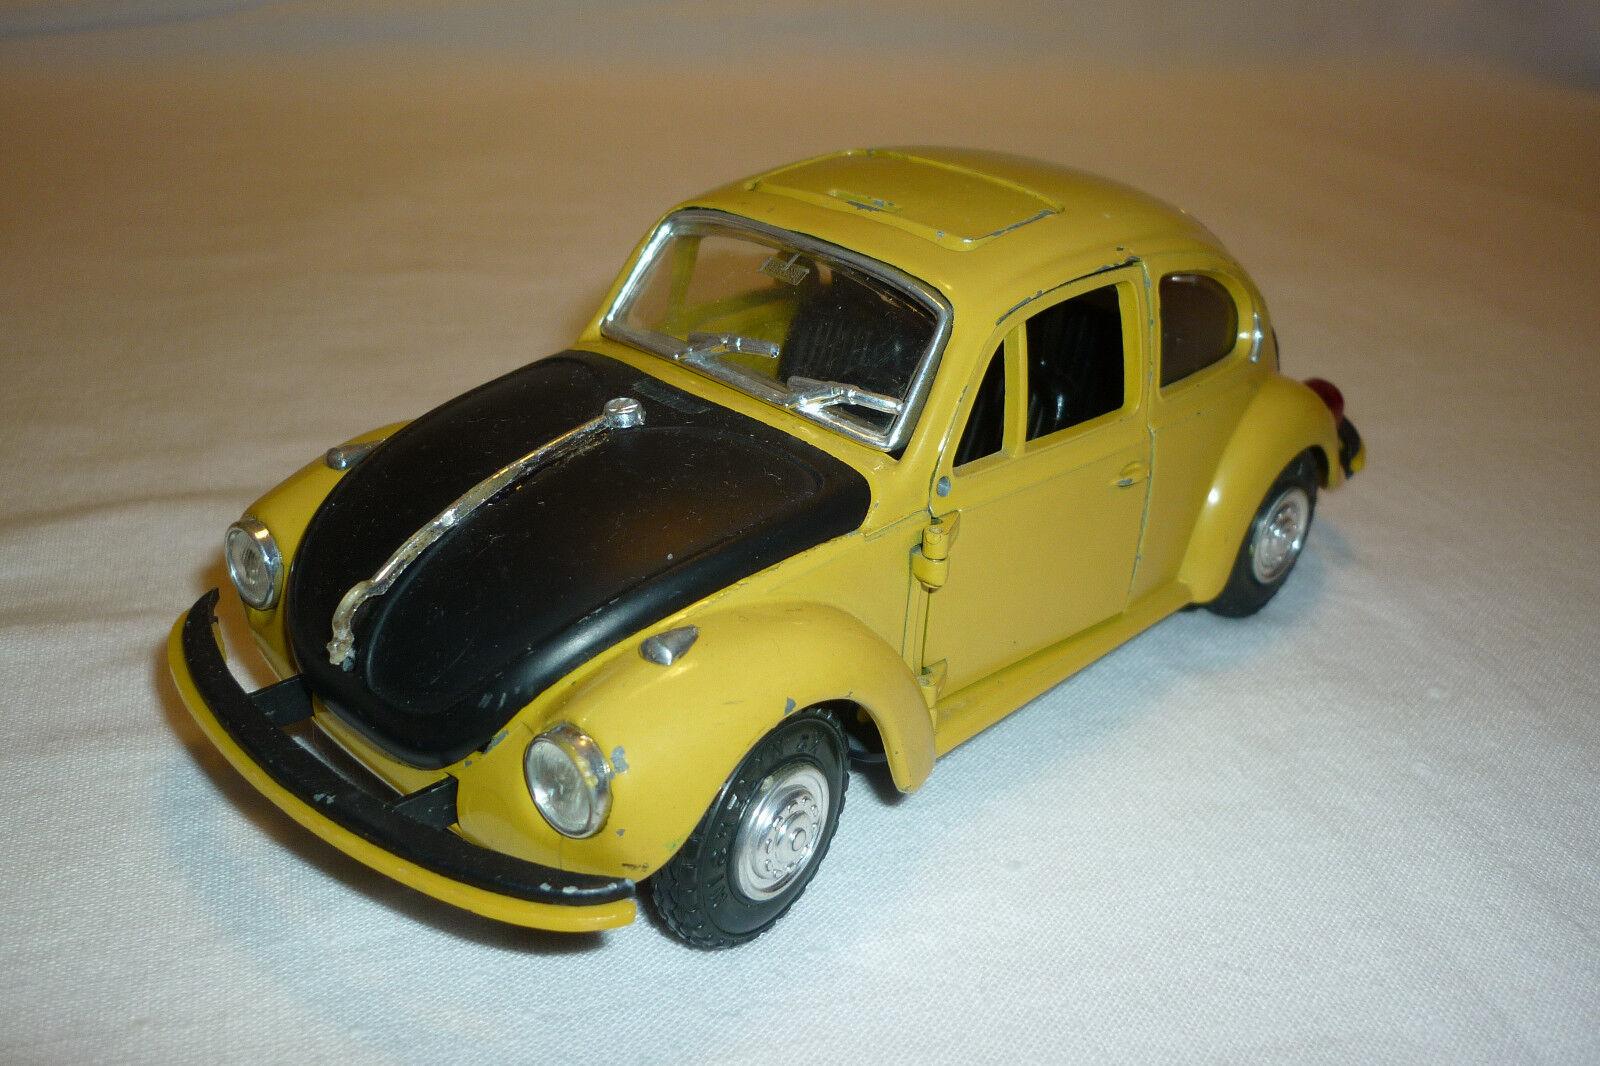 Gama-VW 1302 escarabajo - - 1 24 - (1.mb-40)